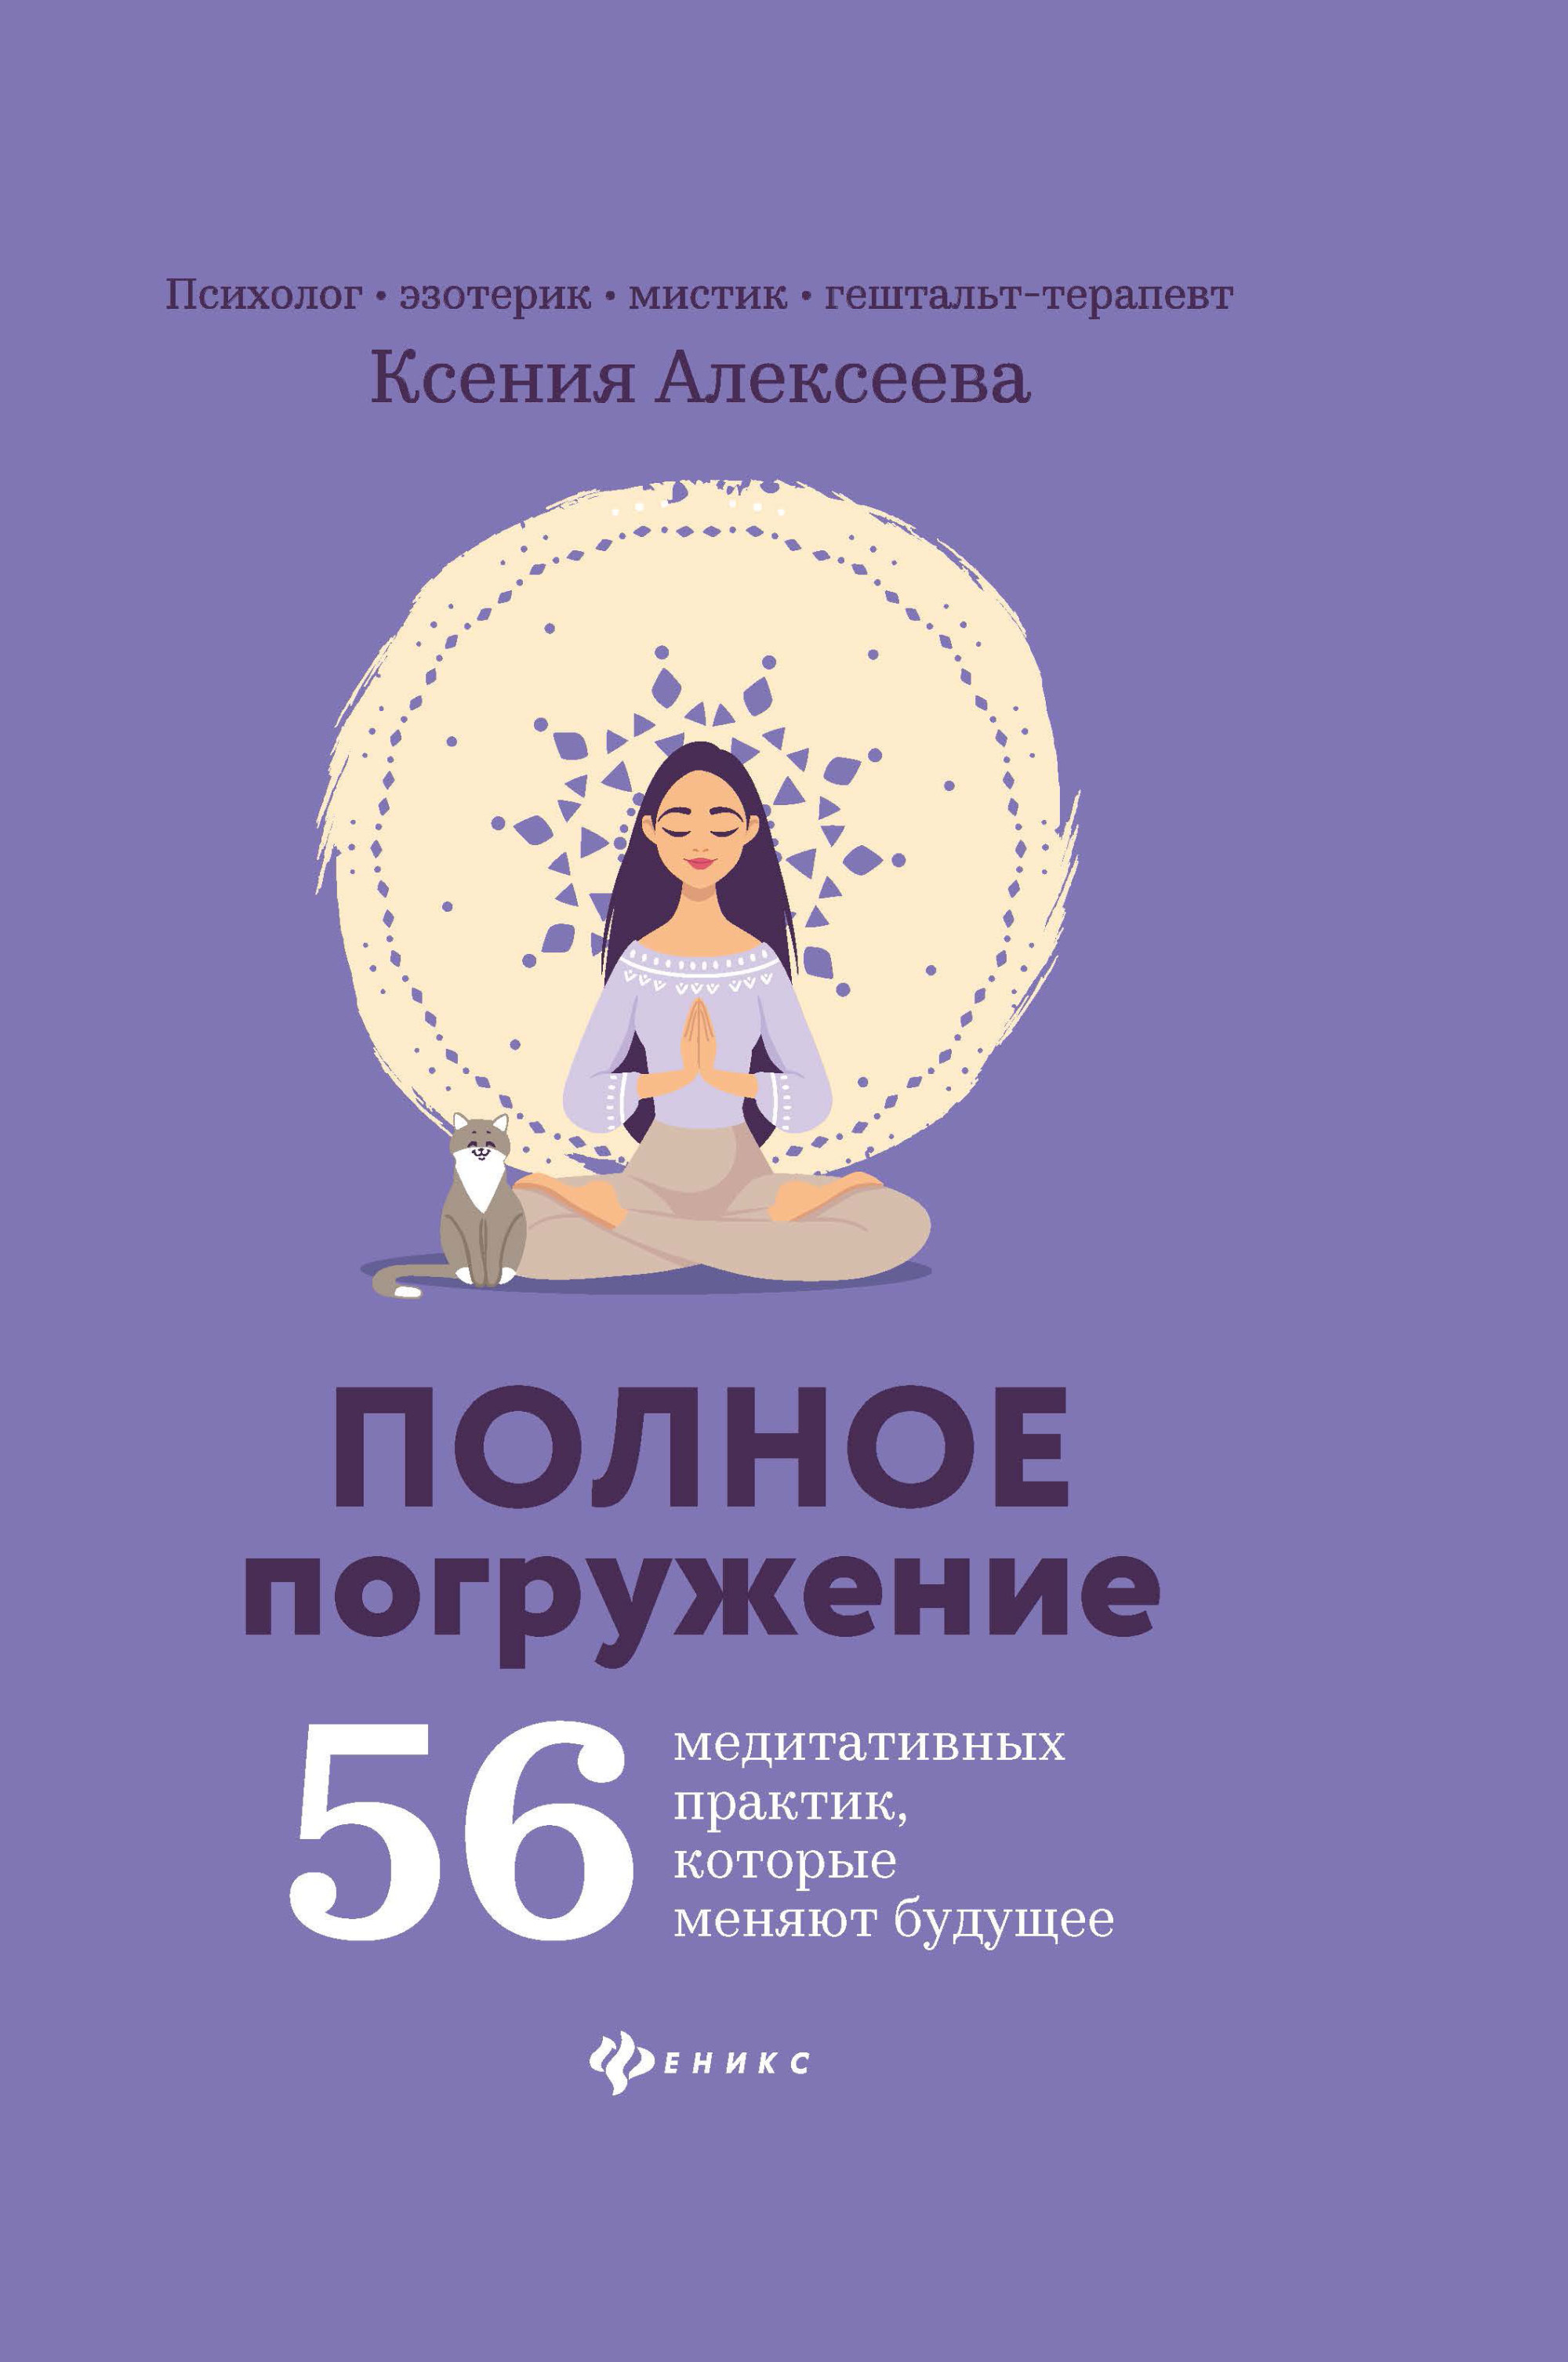 Полное погружение: 56 медитативных практик, которые меняют будущее